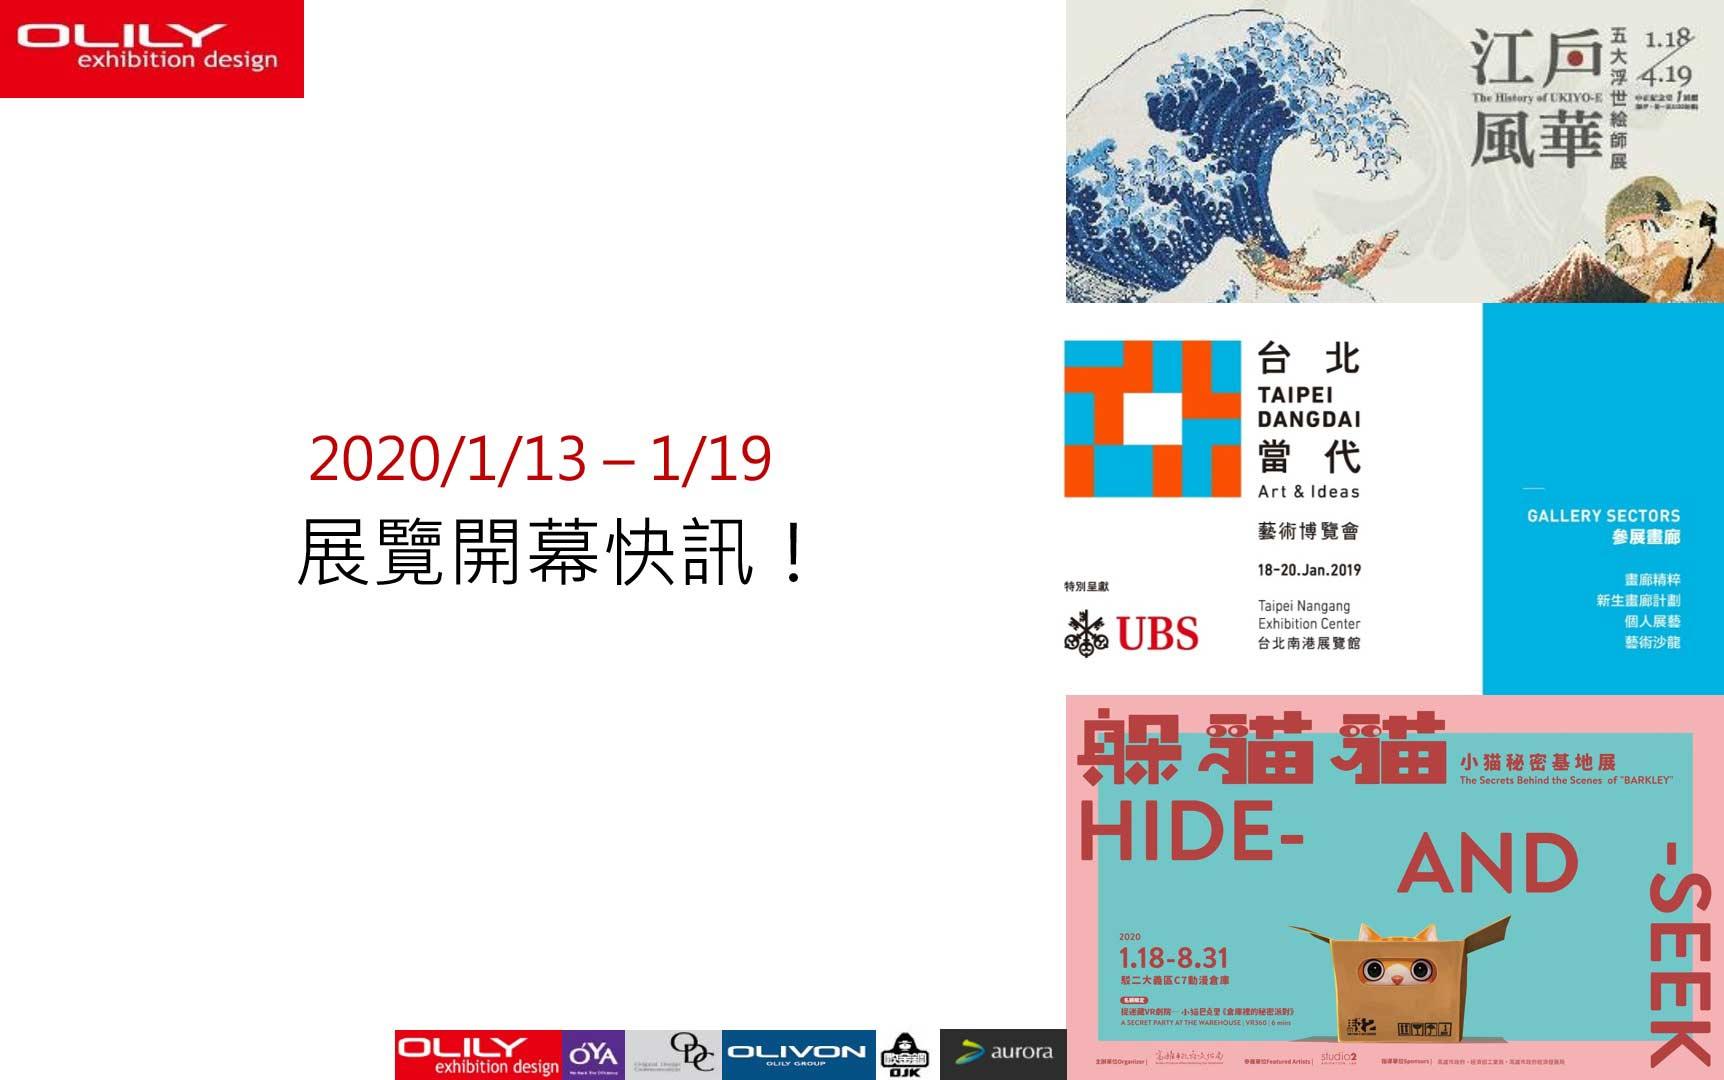 展覽資訊 0113- 展覽設計推薦歐立利展場設計公司提供全球專業攤位設計